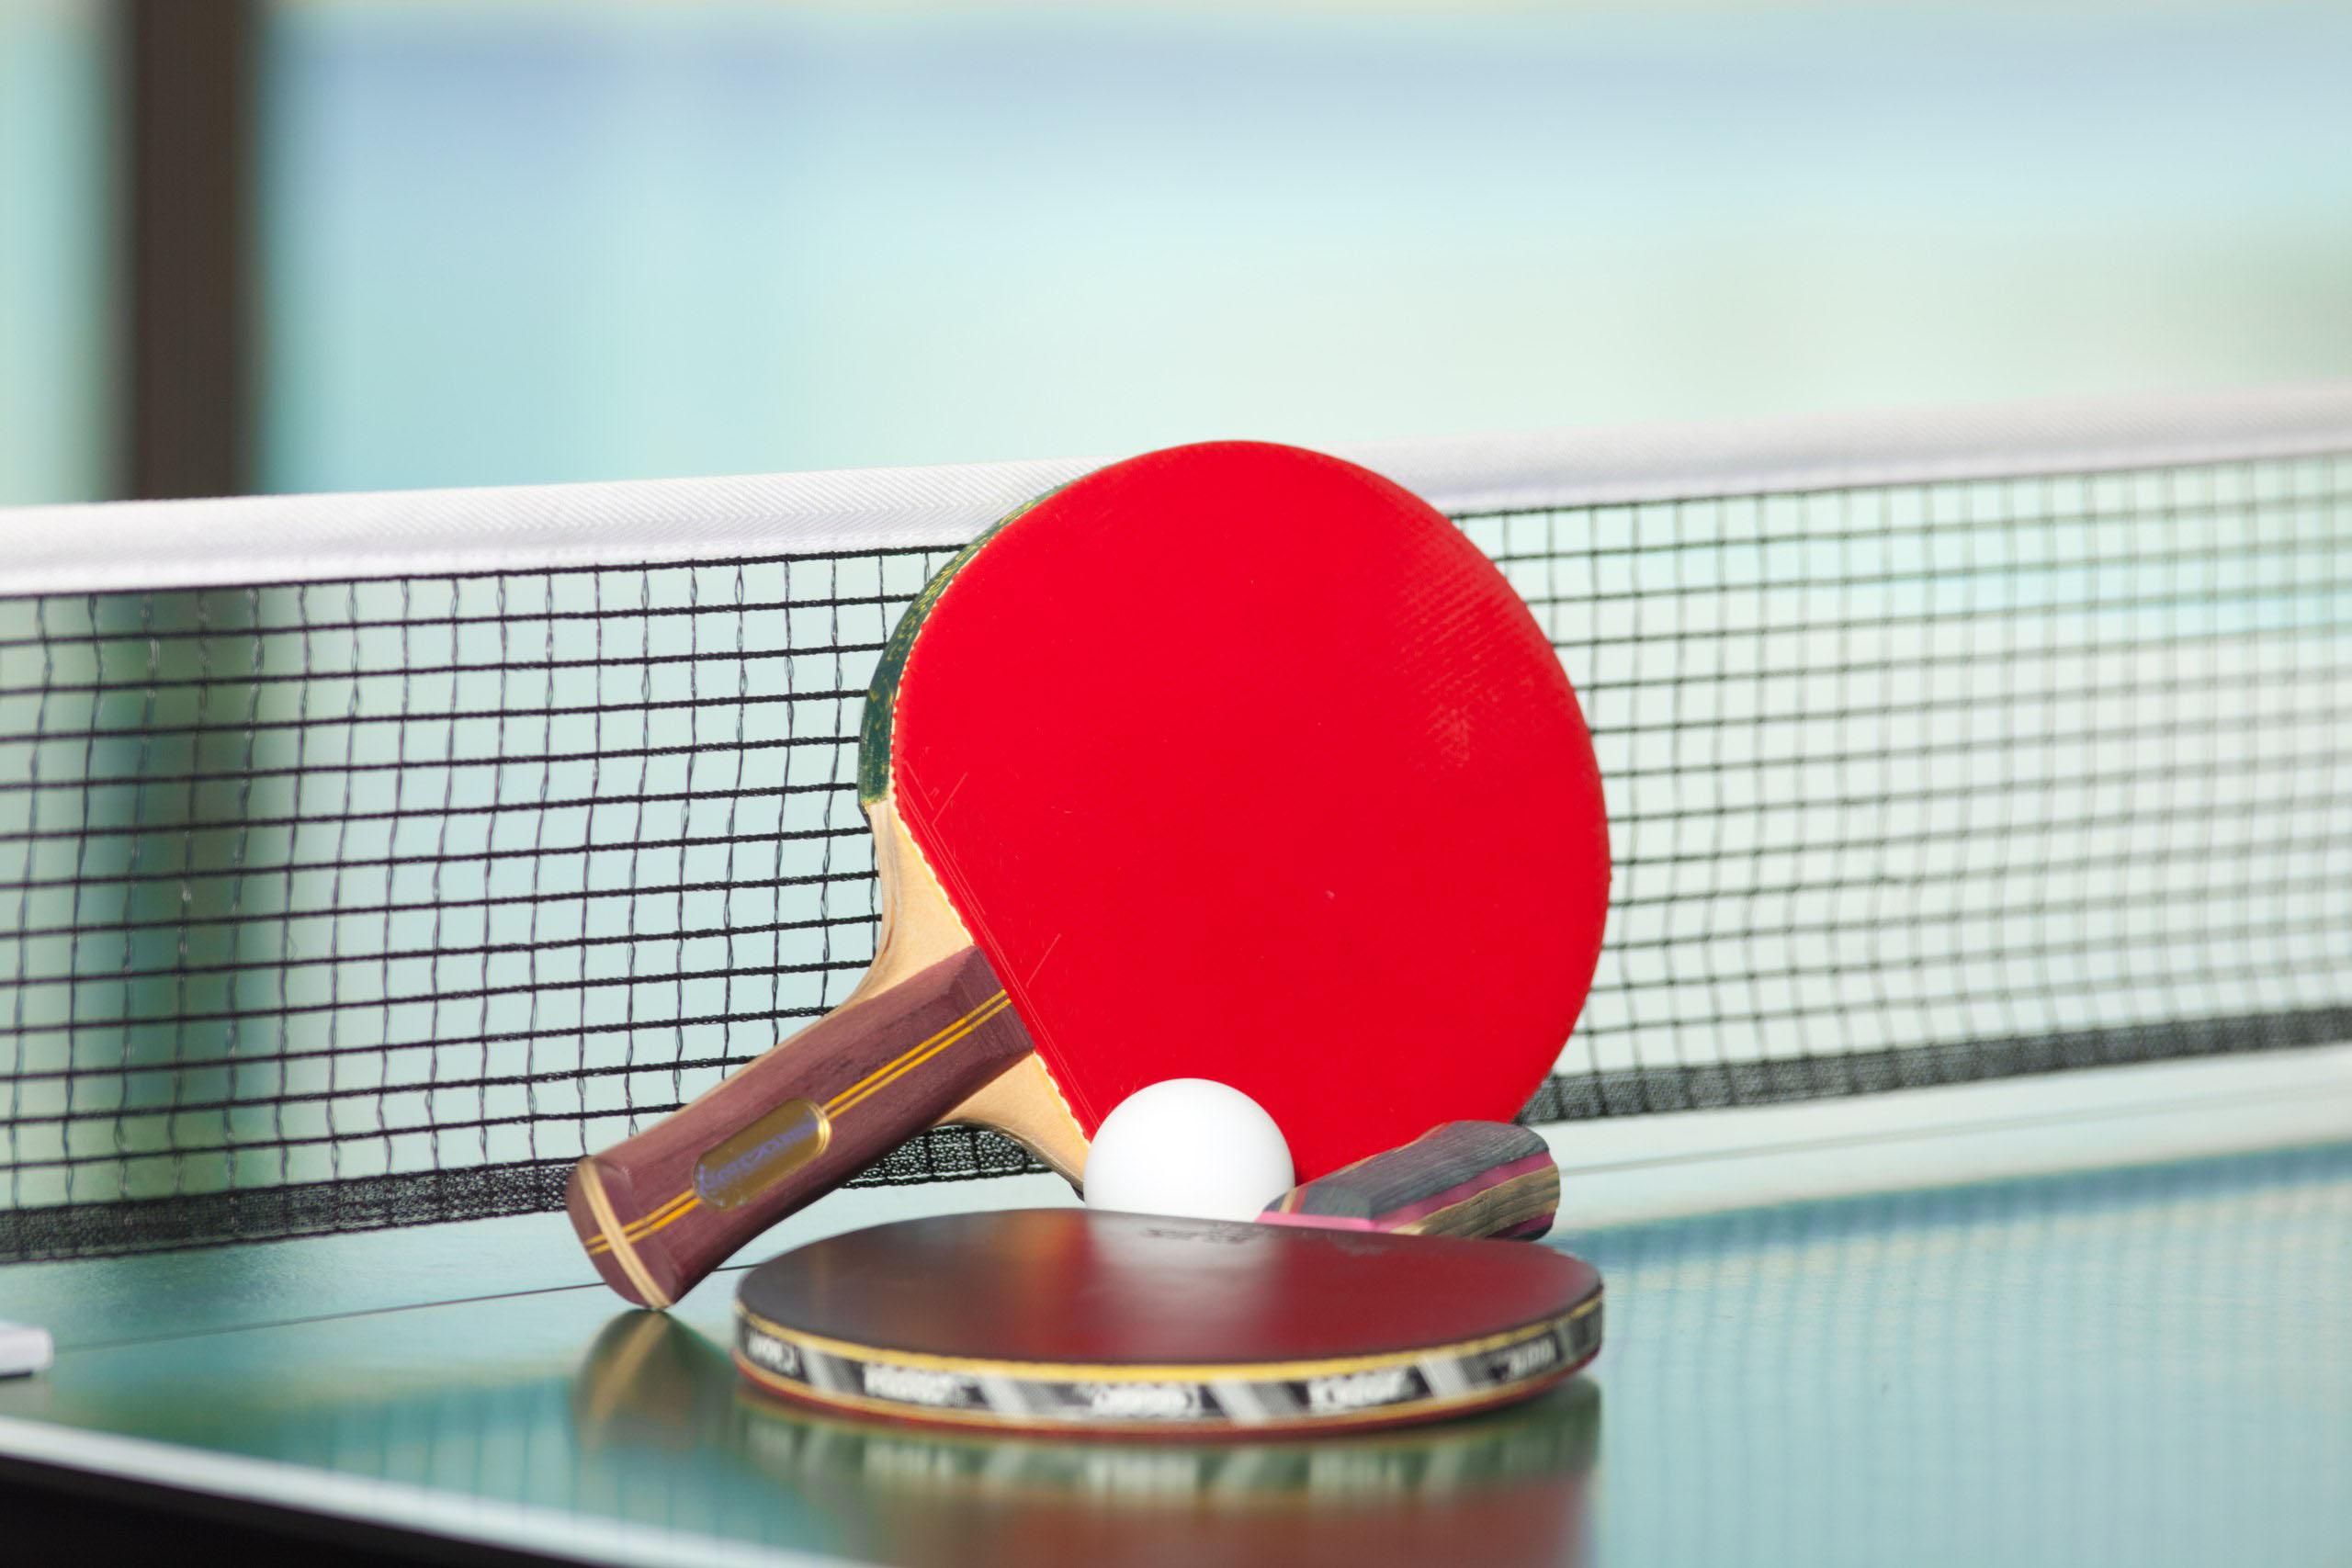 Тверские теннисисты определят сильнейших на чемпионате и первенстве города